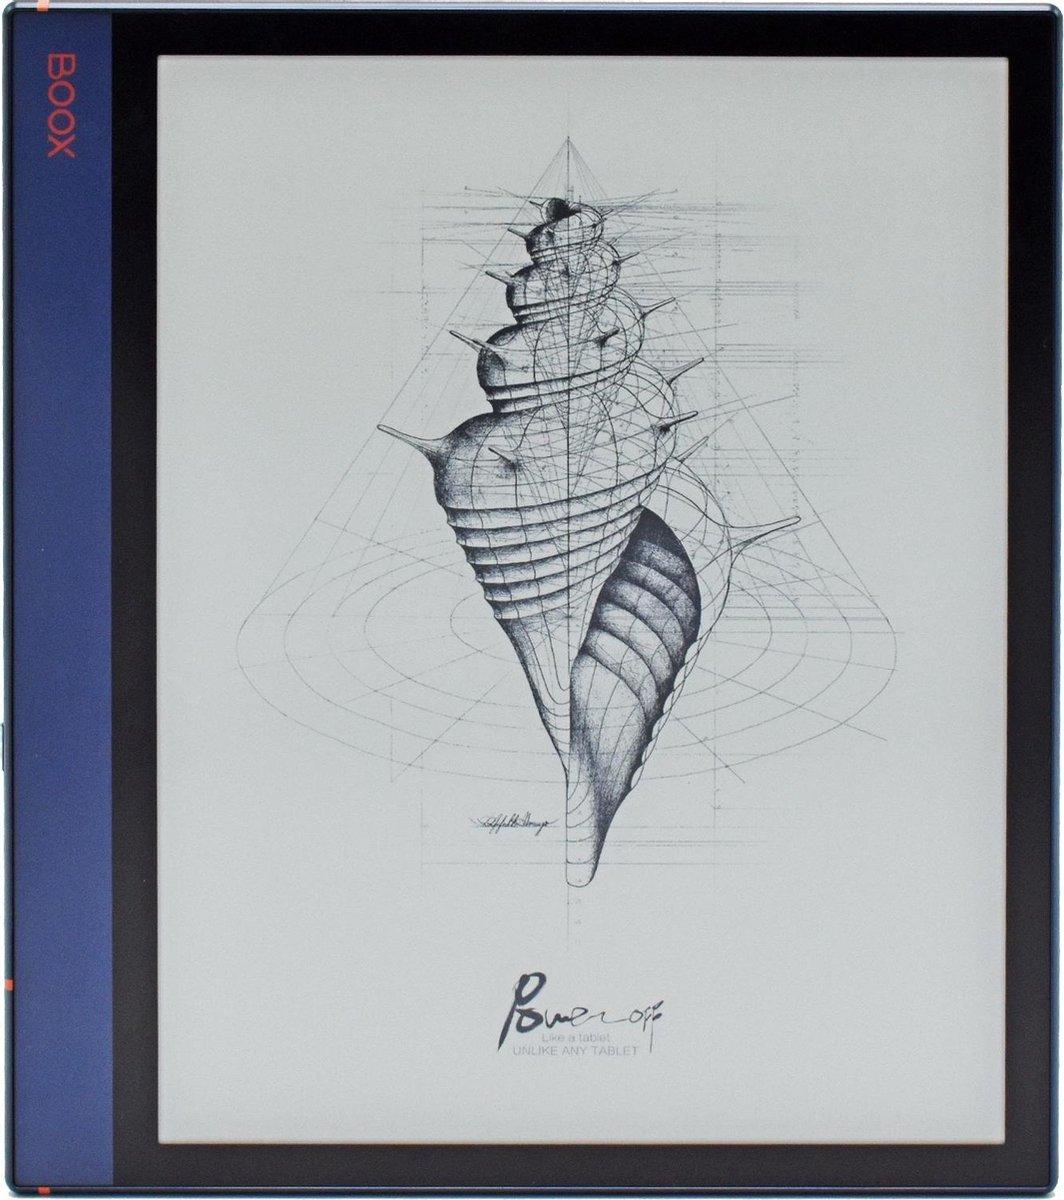 Onyx BOOX Note Air e-book reader Touchscreen 32 GB Wi-Fi Blauw